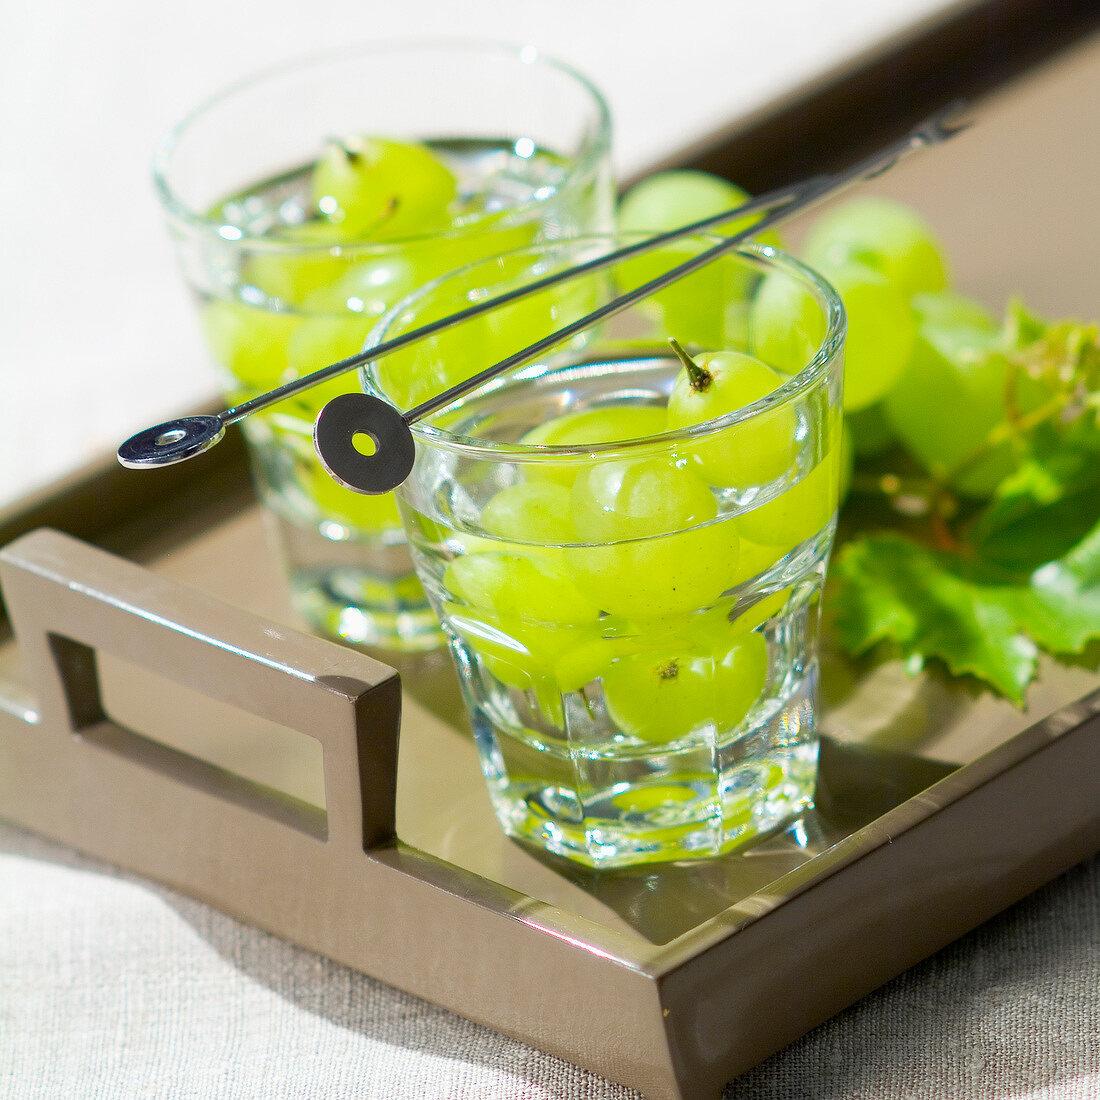 Grapes in eau-de-vie